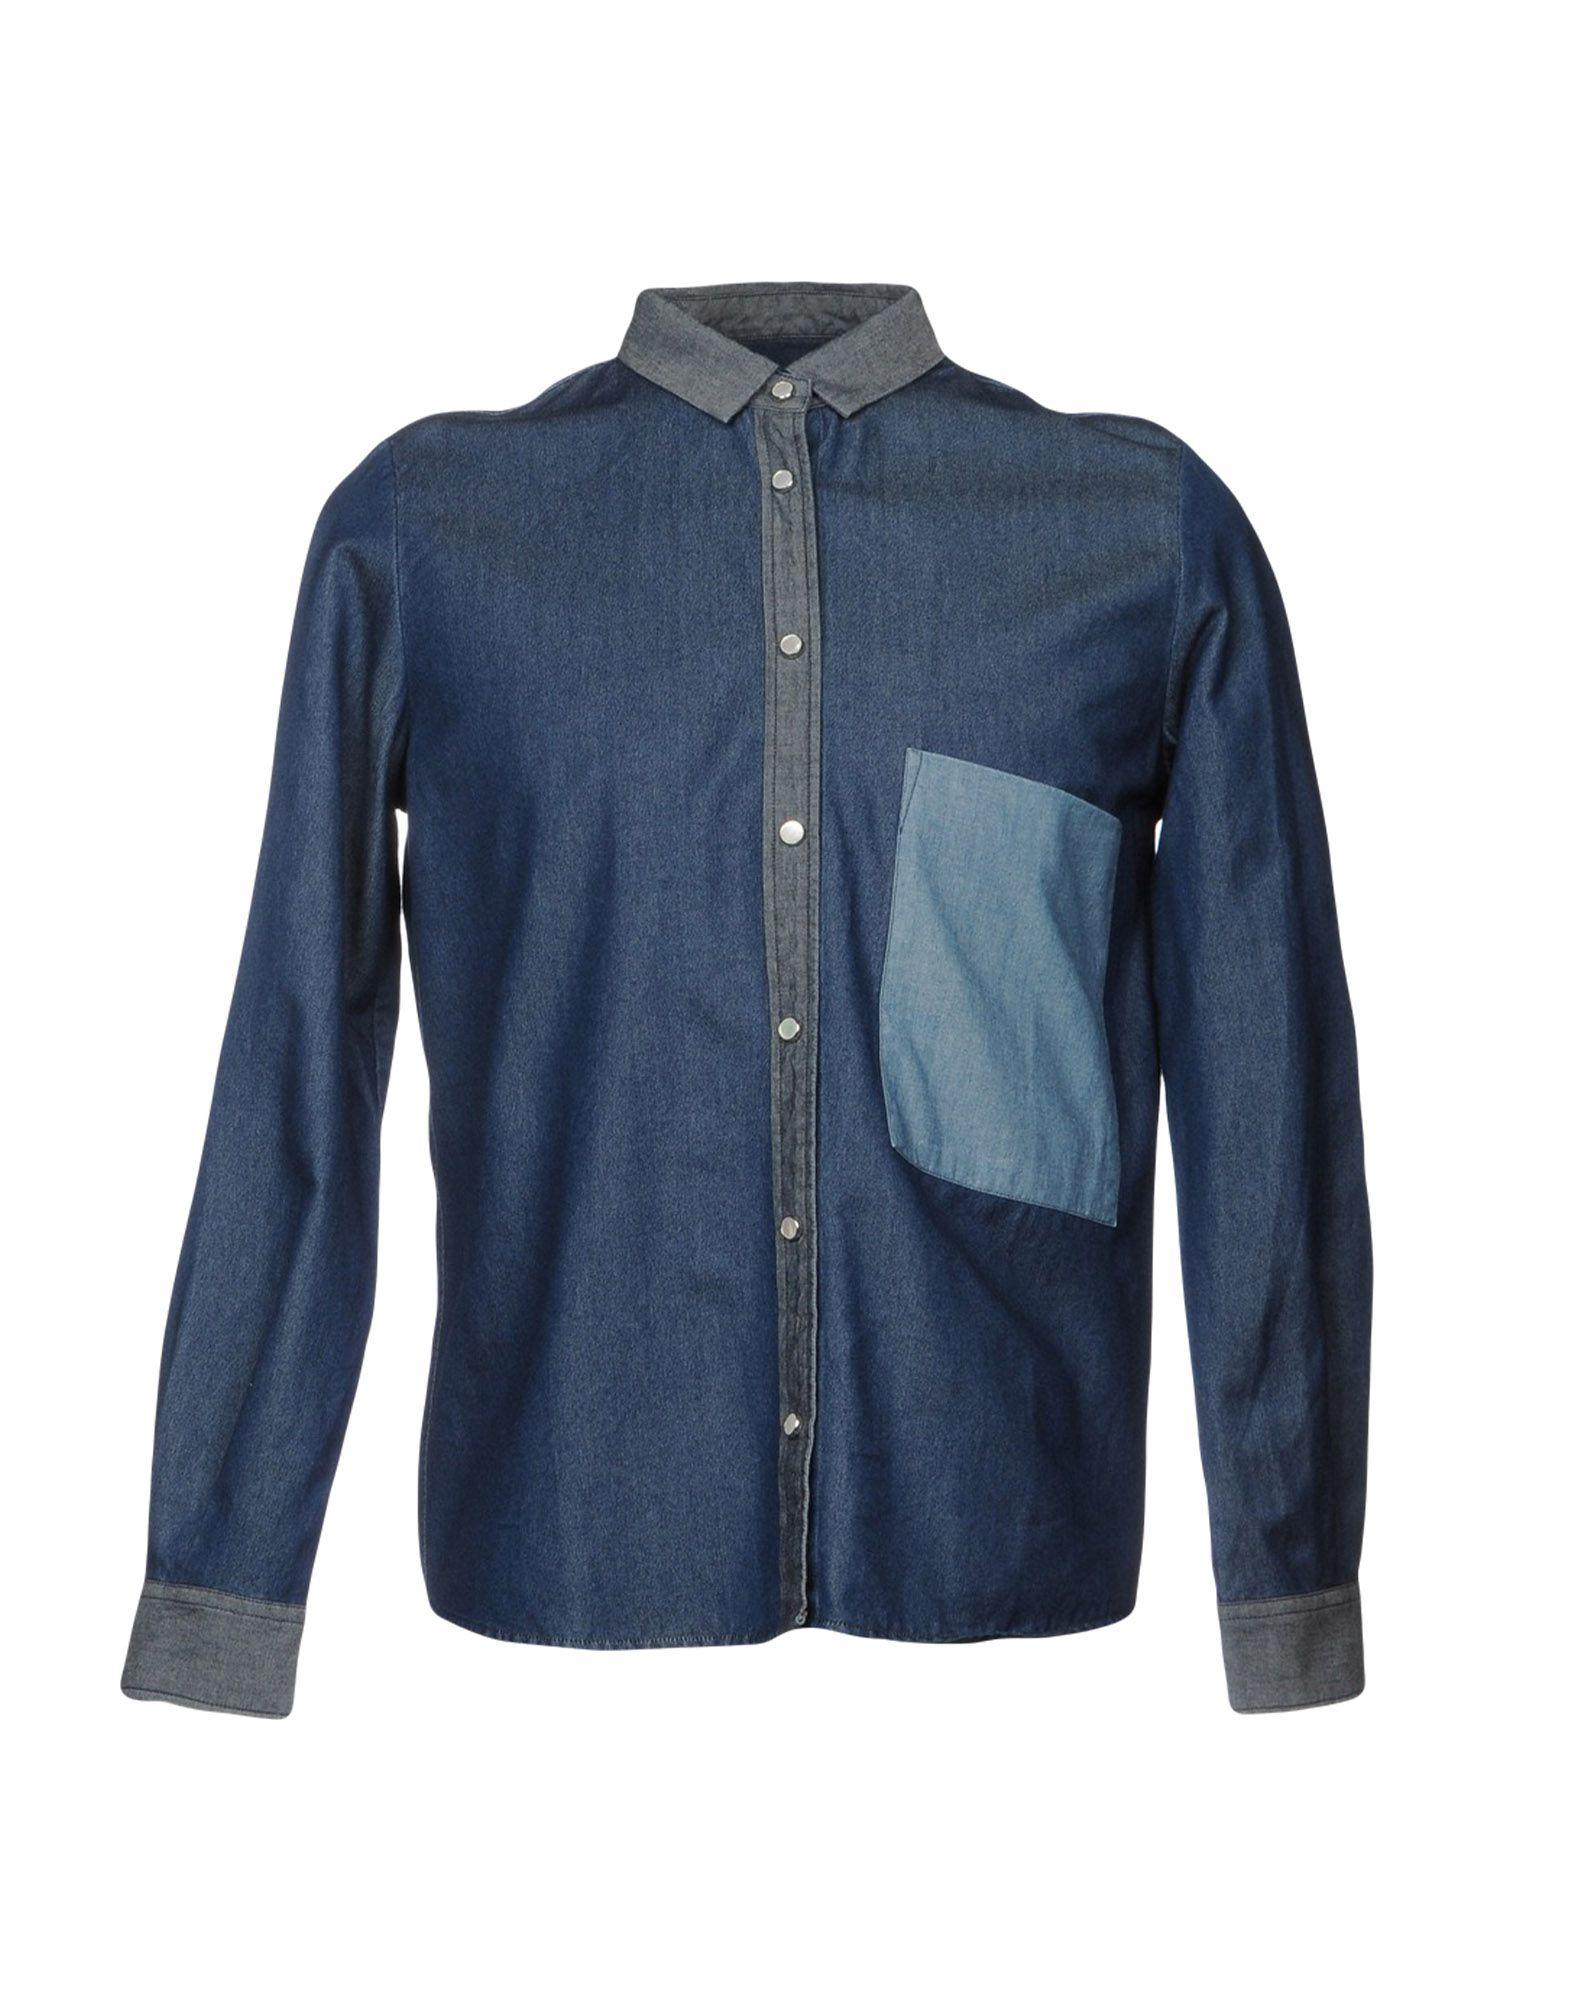 GOLDEN GOOSE DELUXE BRAND Джинсовая рубашка golden goose deluxe brand хлопковая рубашка